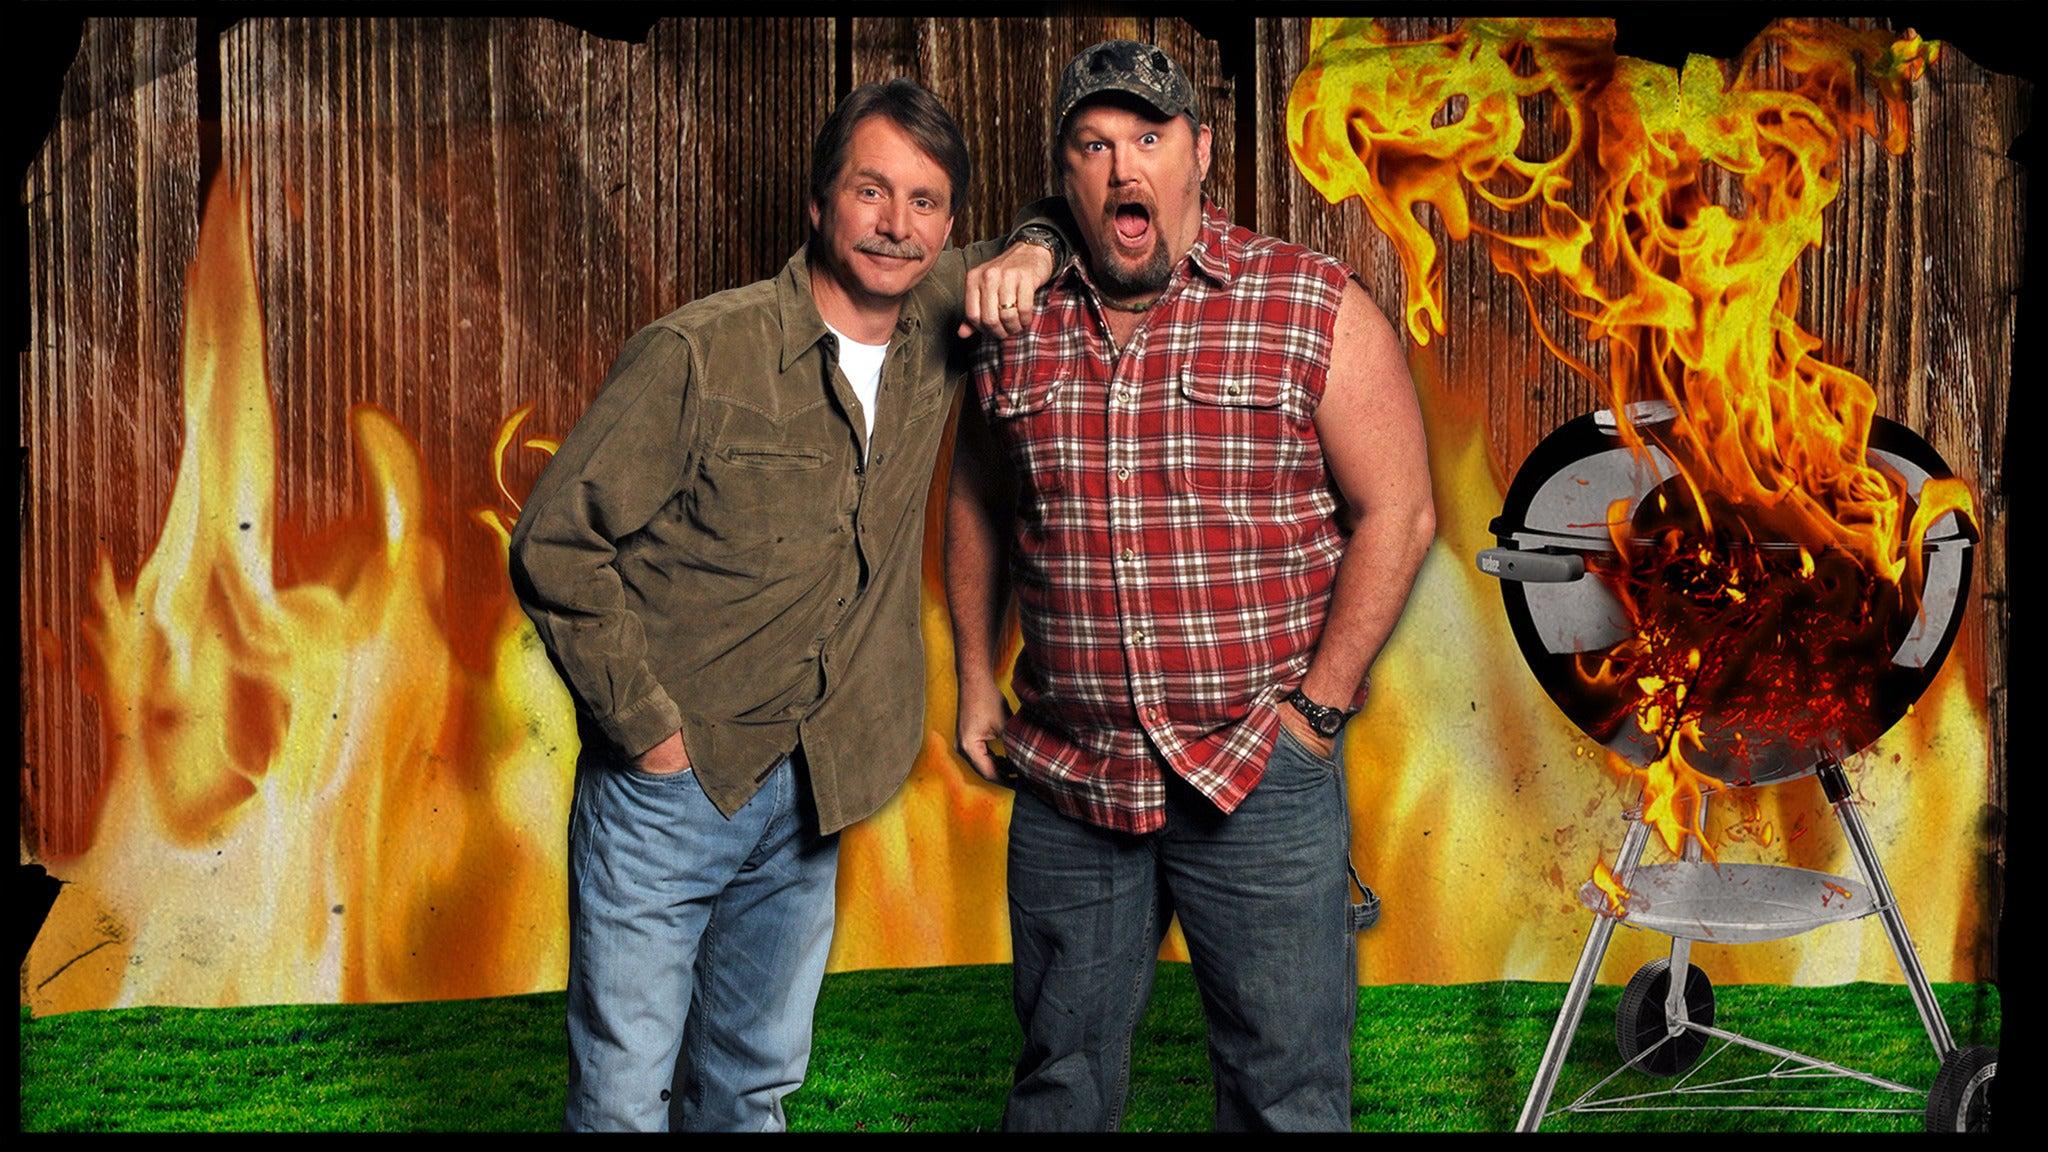 Jeff & Larry's Backyard BBQ at Klipsch Music Center